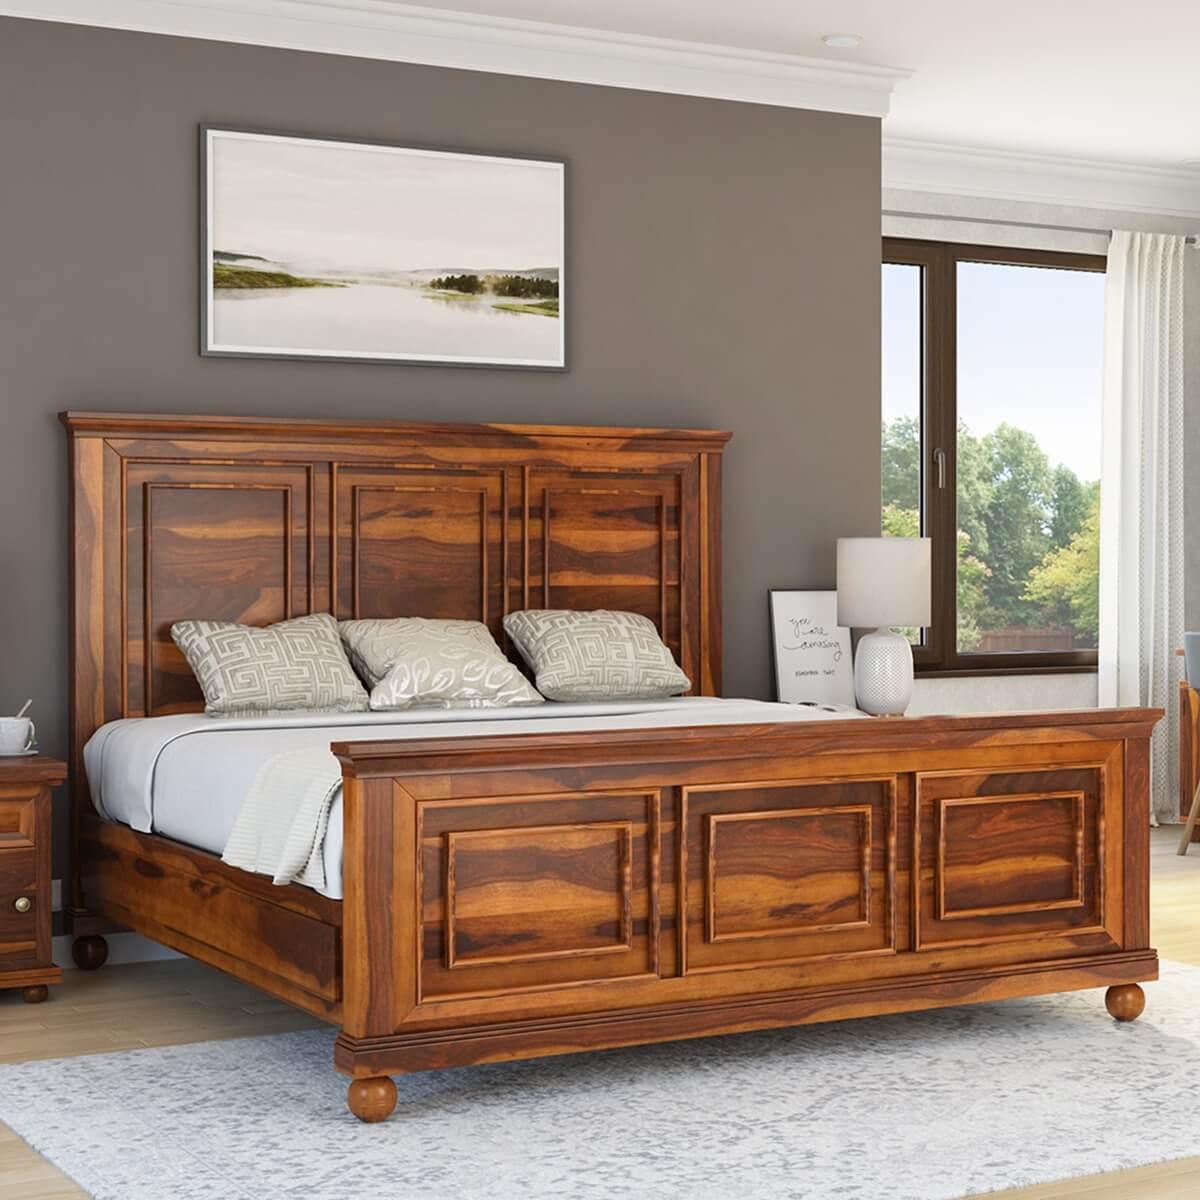 Pecos Mission Solid Wood Platform Bed Frame